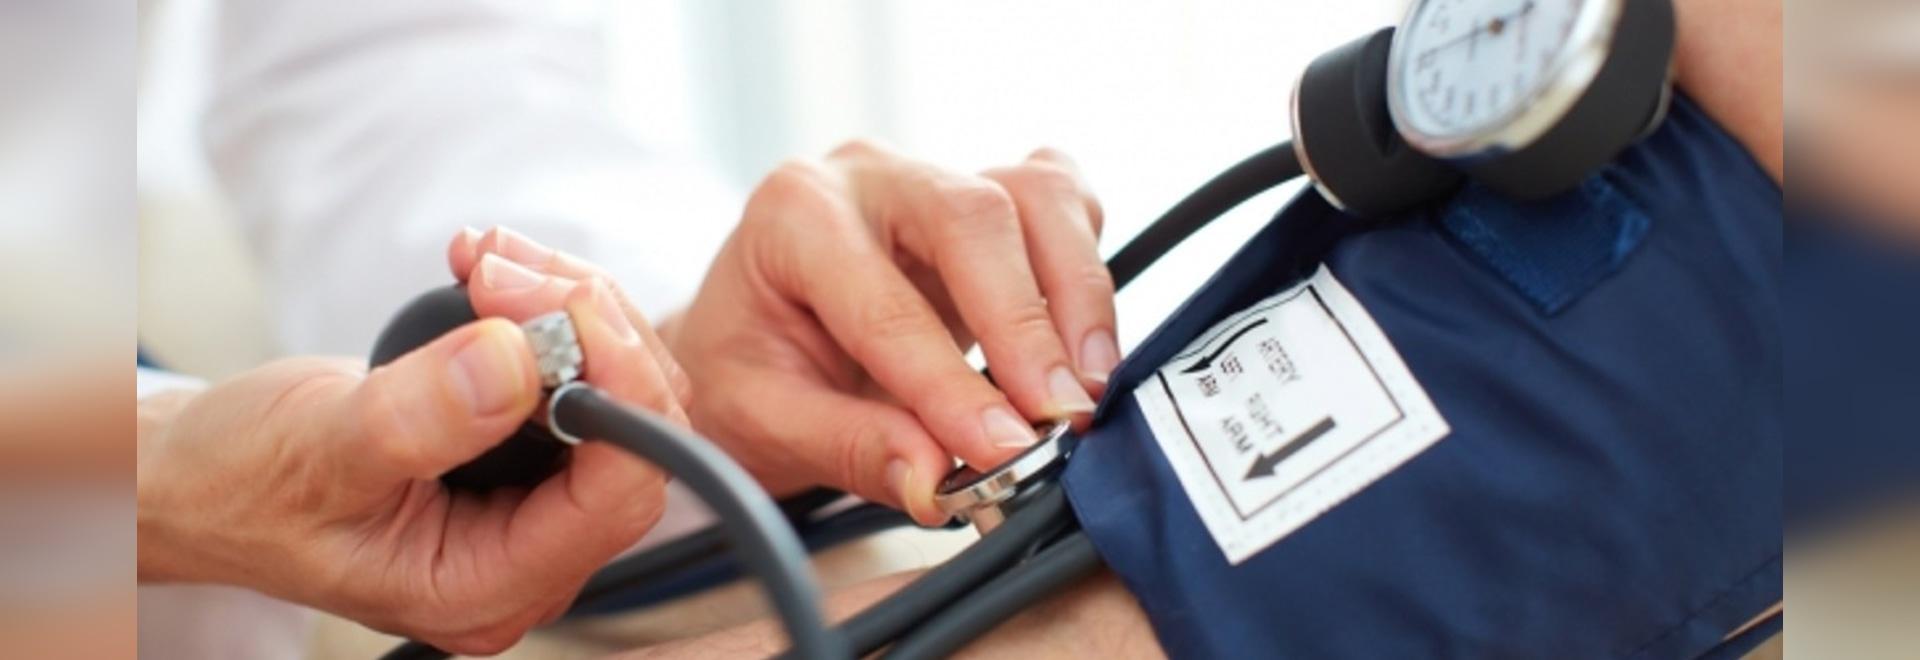 Le traitement du periodontitis peut aider l'hypotension